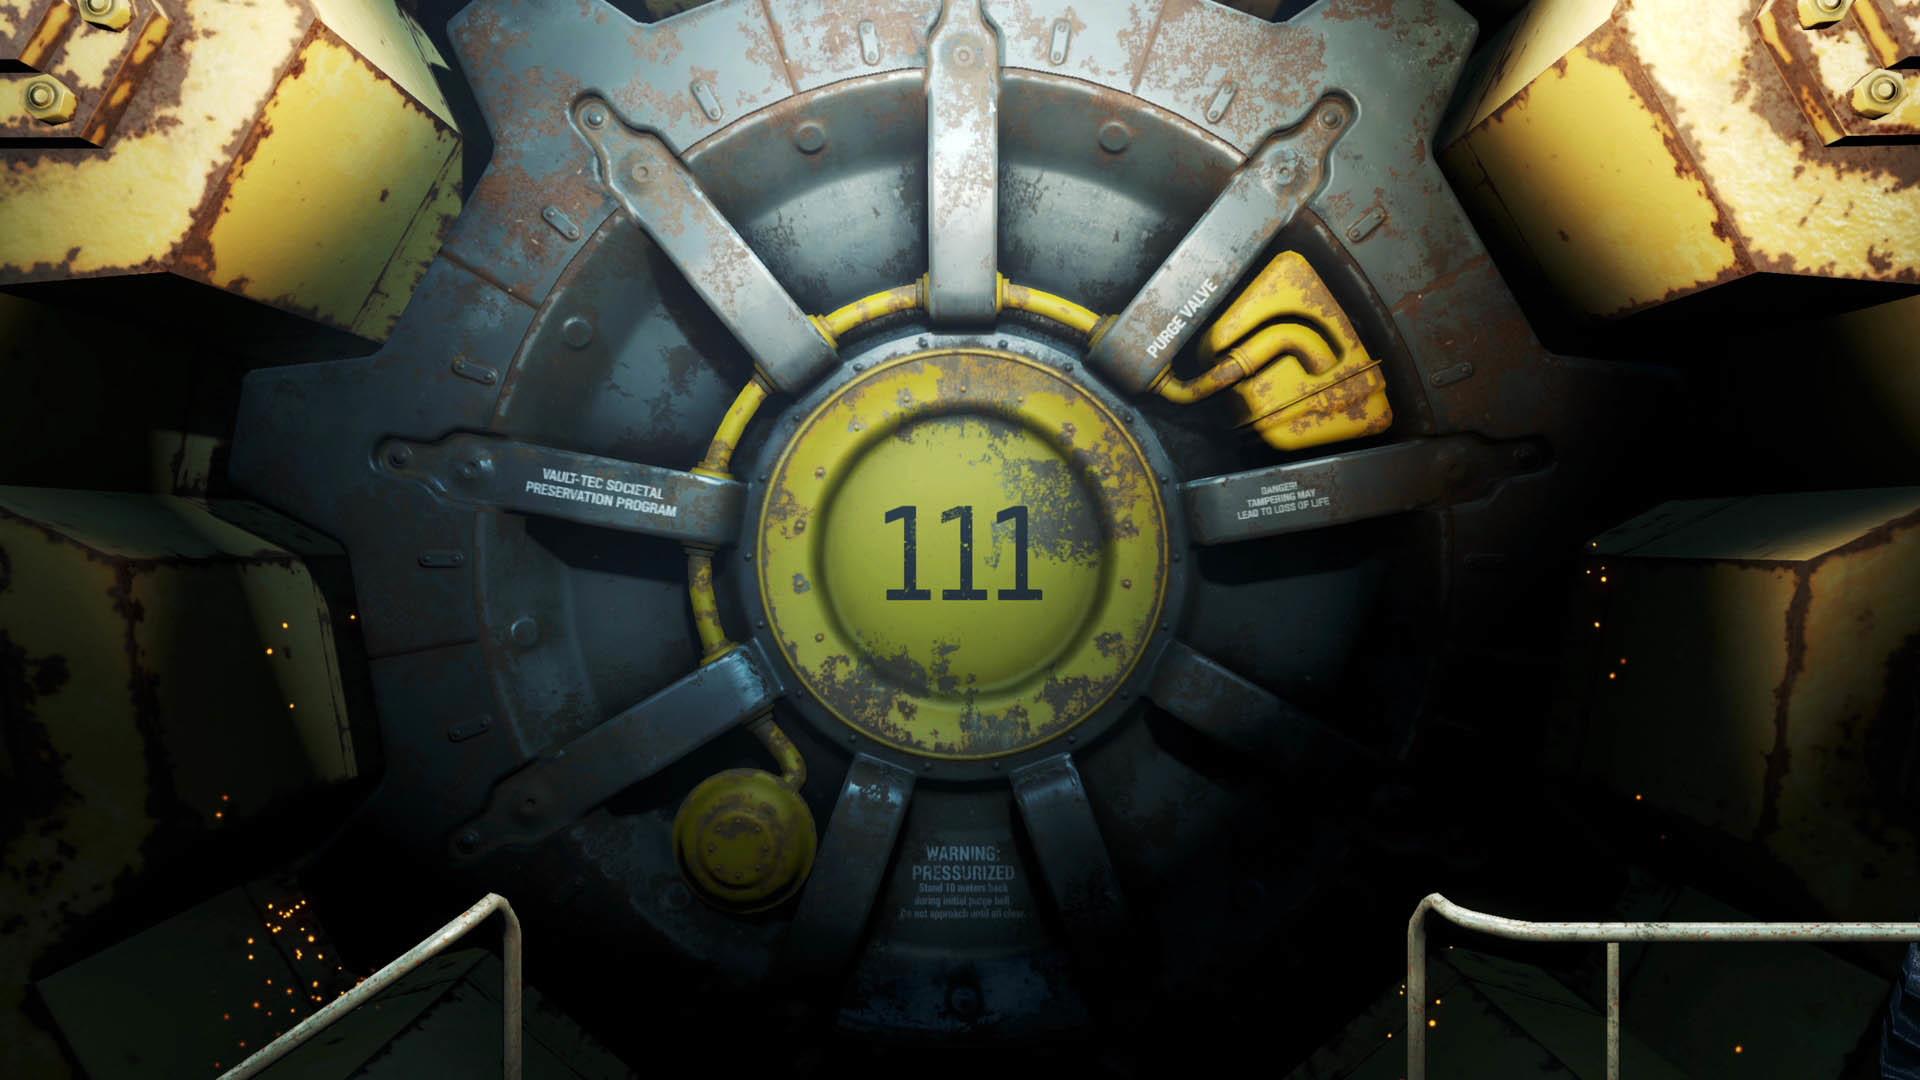 Fallout 4 – Vault #111 wallpaper